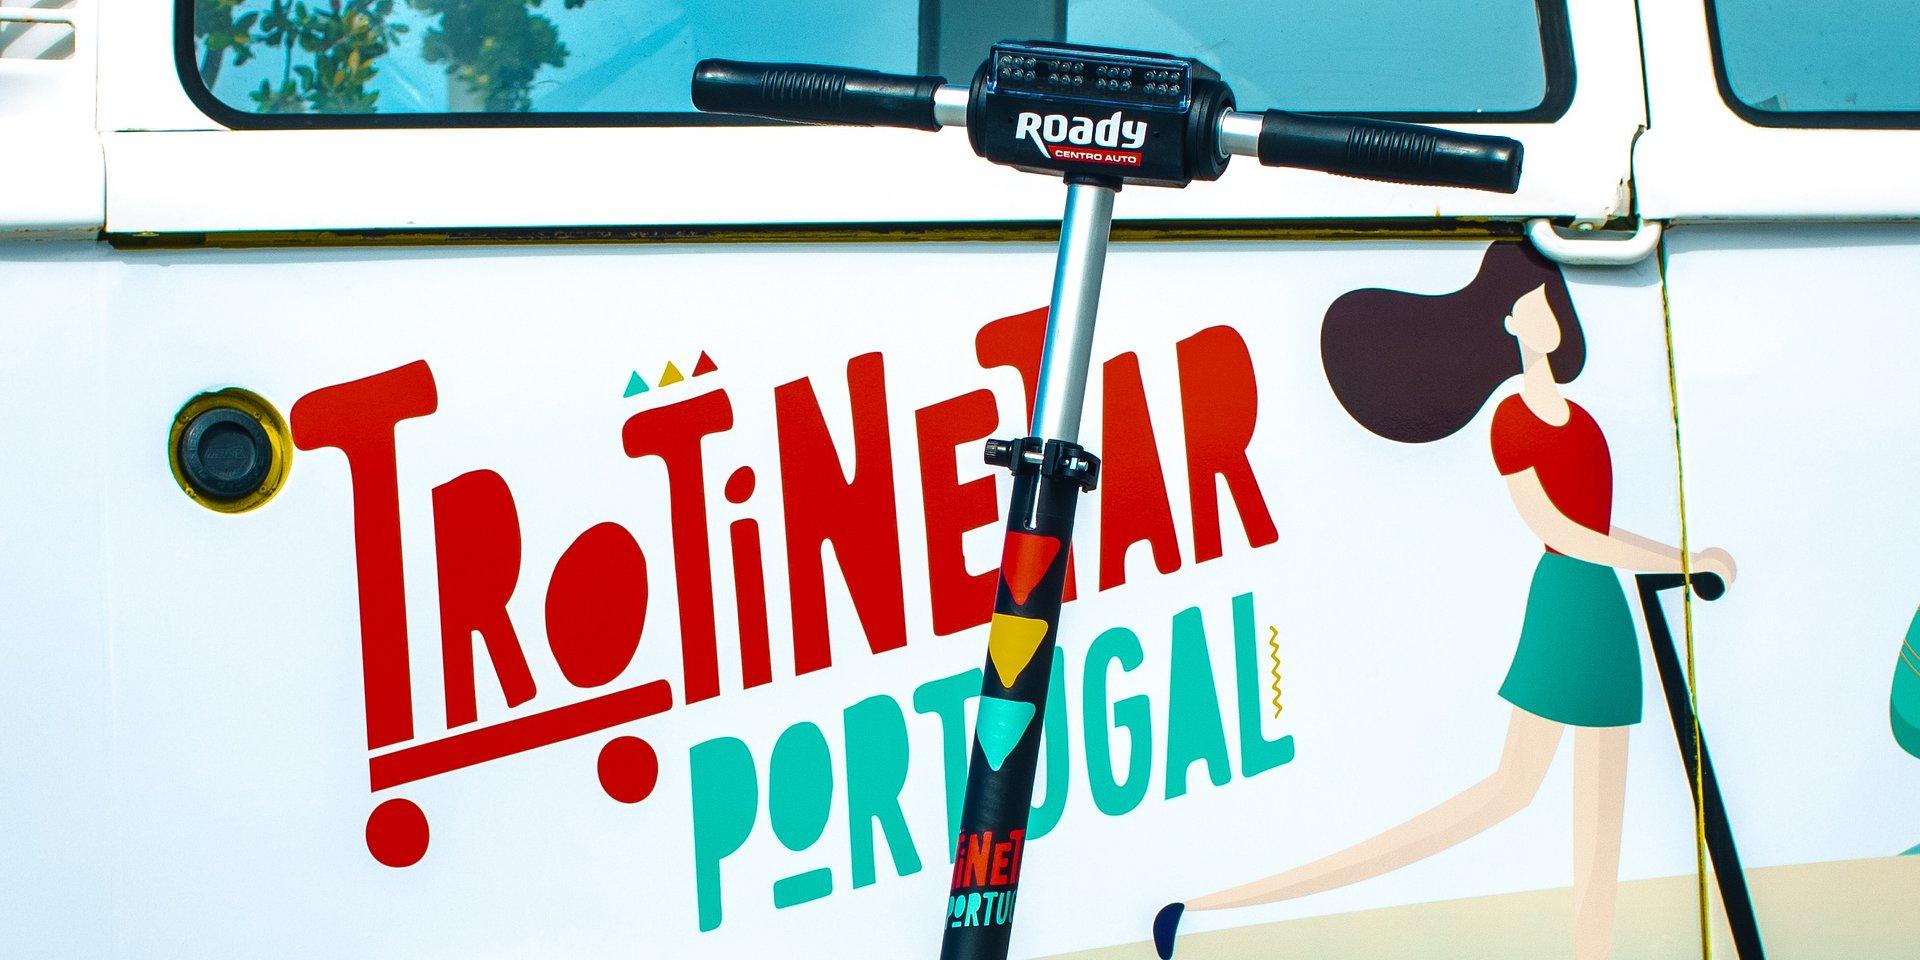 """""""Trotinetar Portugal"""" chega a Portimão à boleia dos centros-auto Roady"""